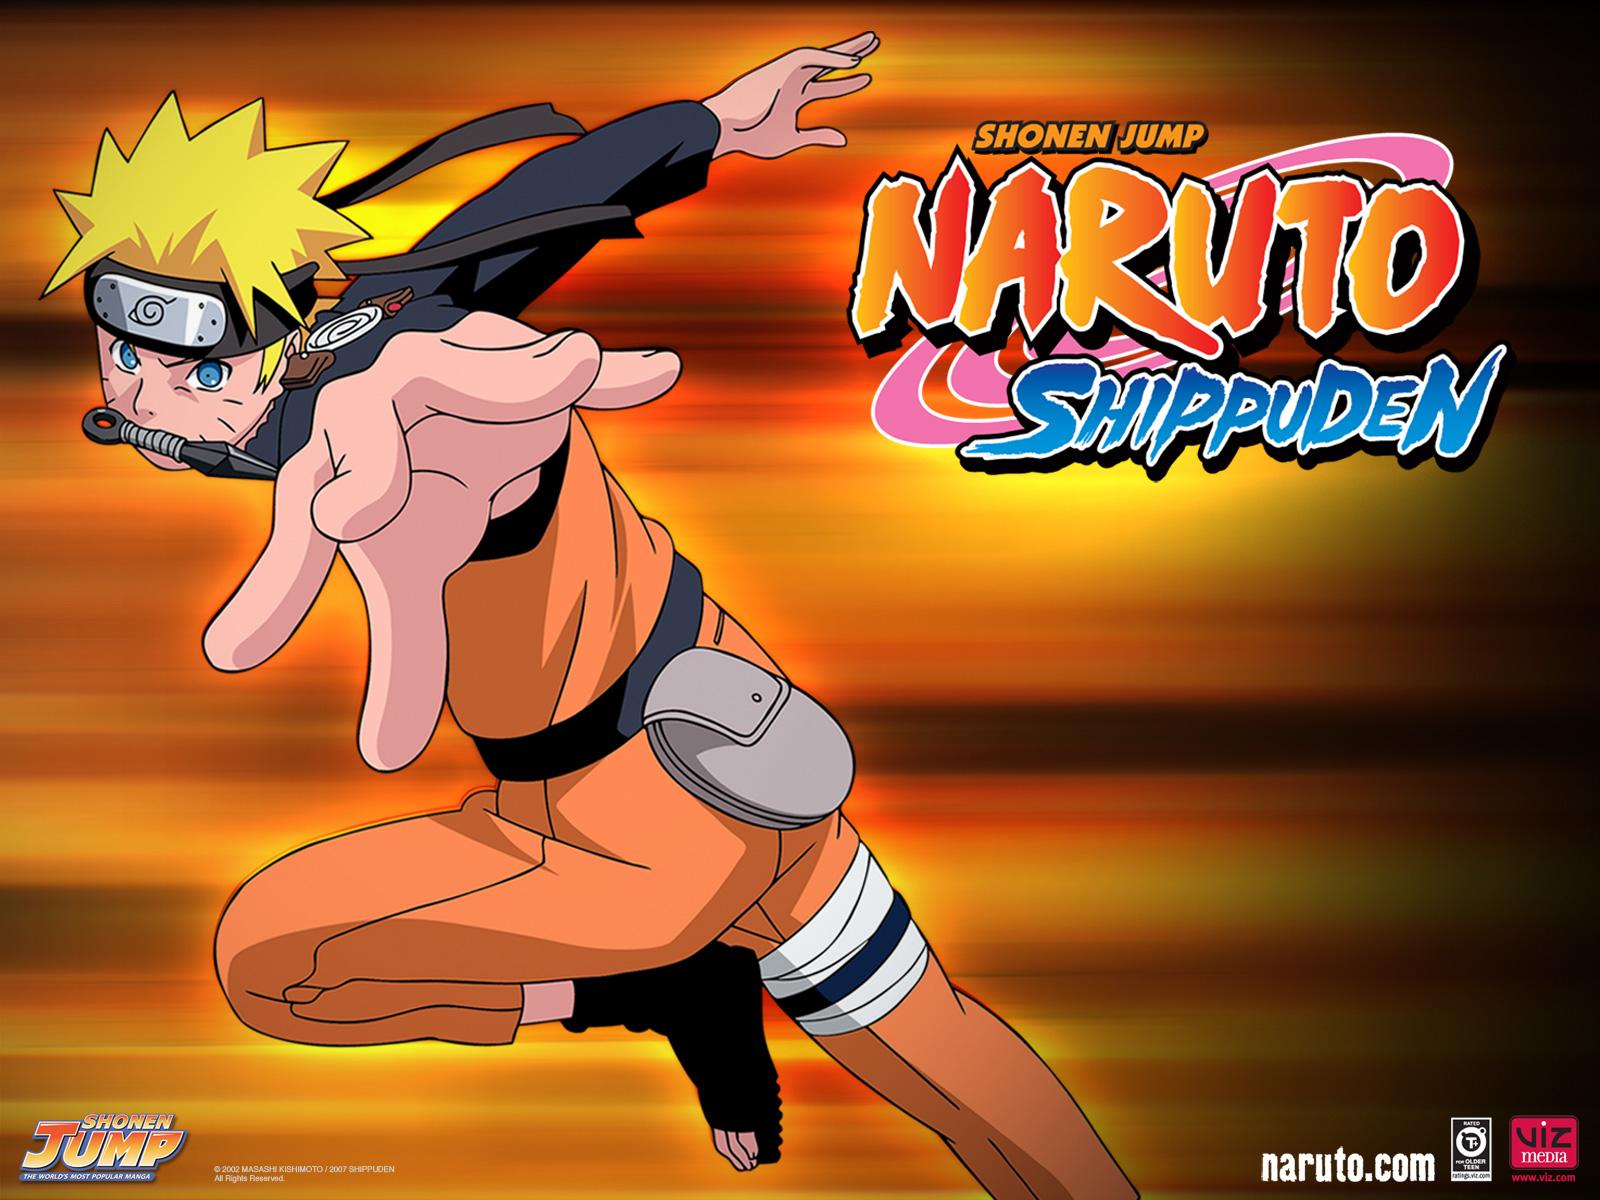 Naruto Shippuden Fotos - Blogers